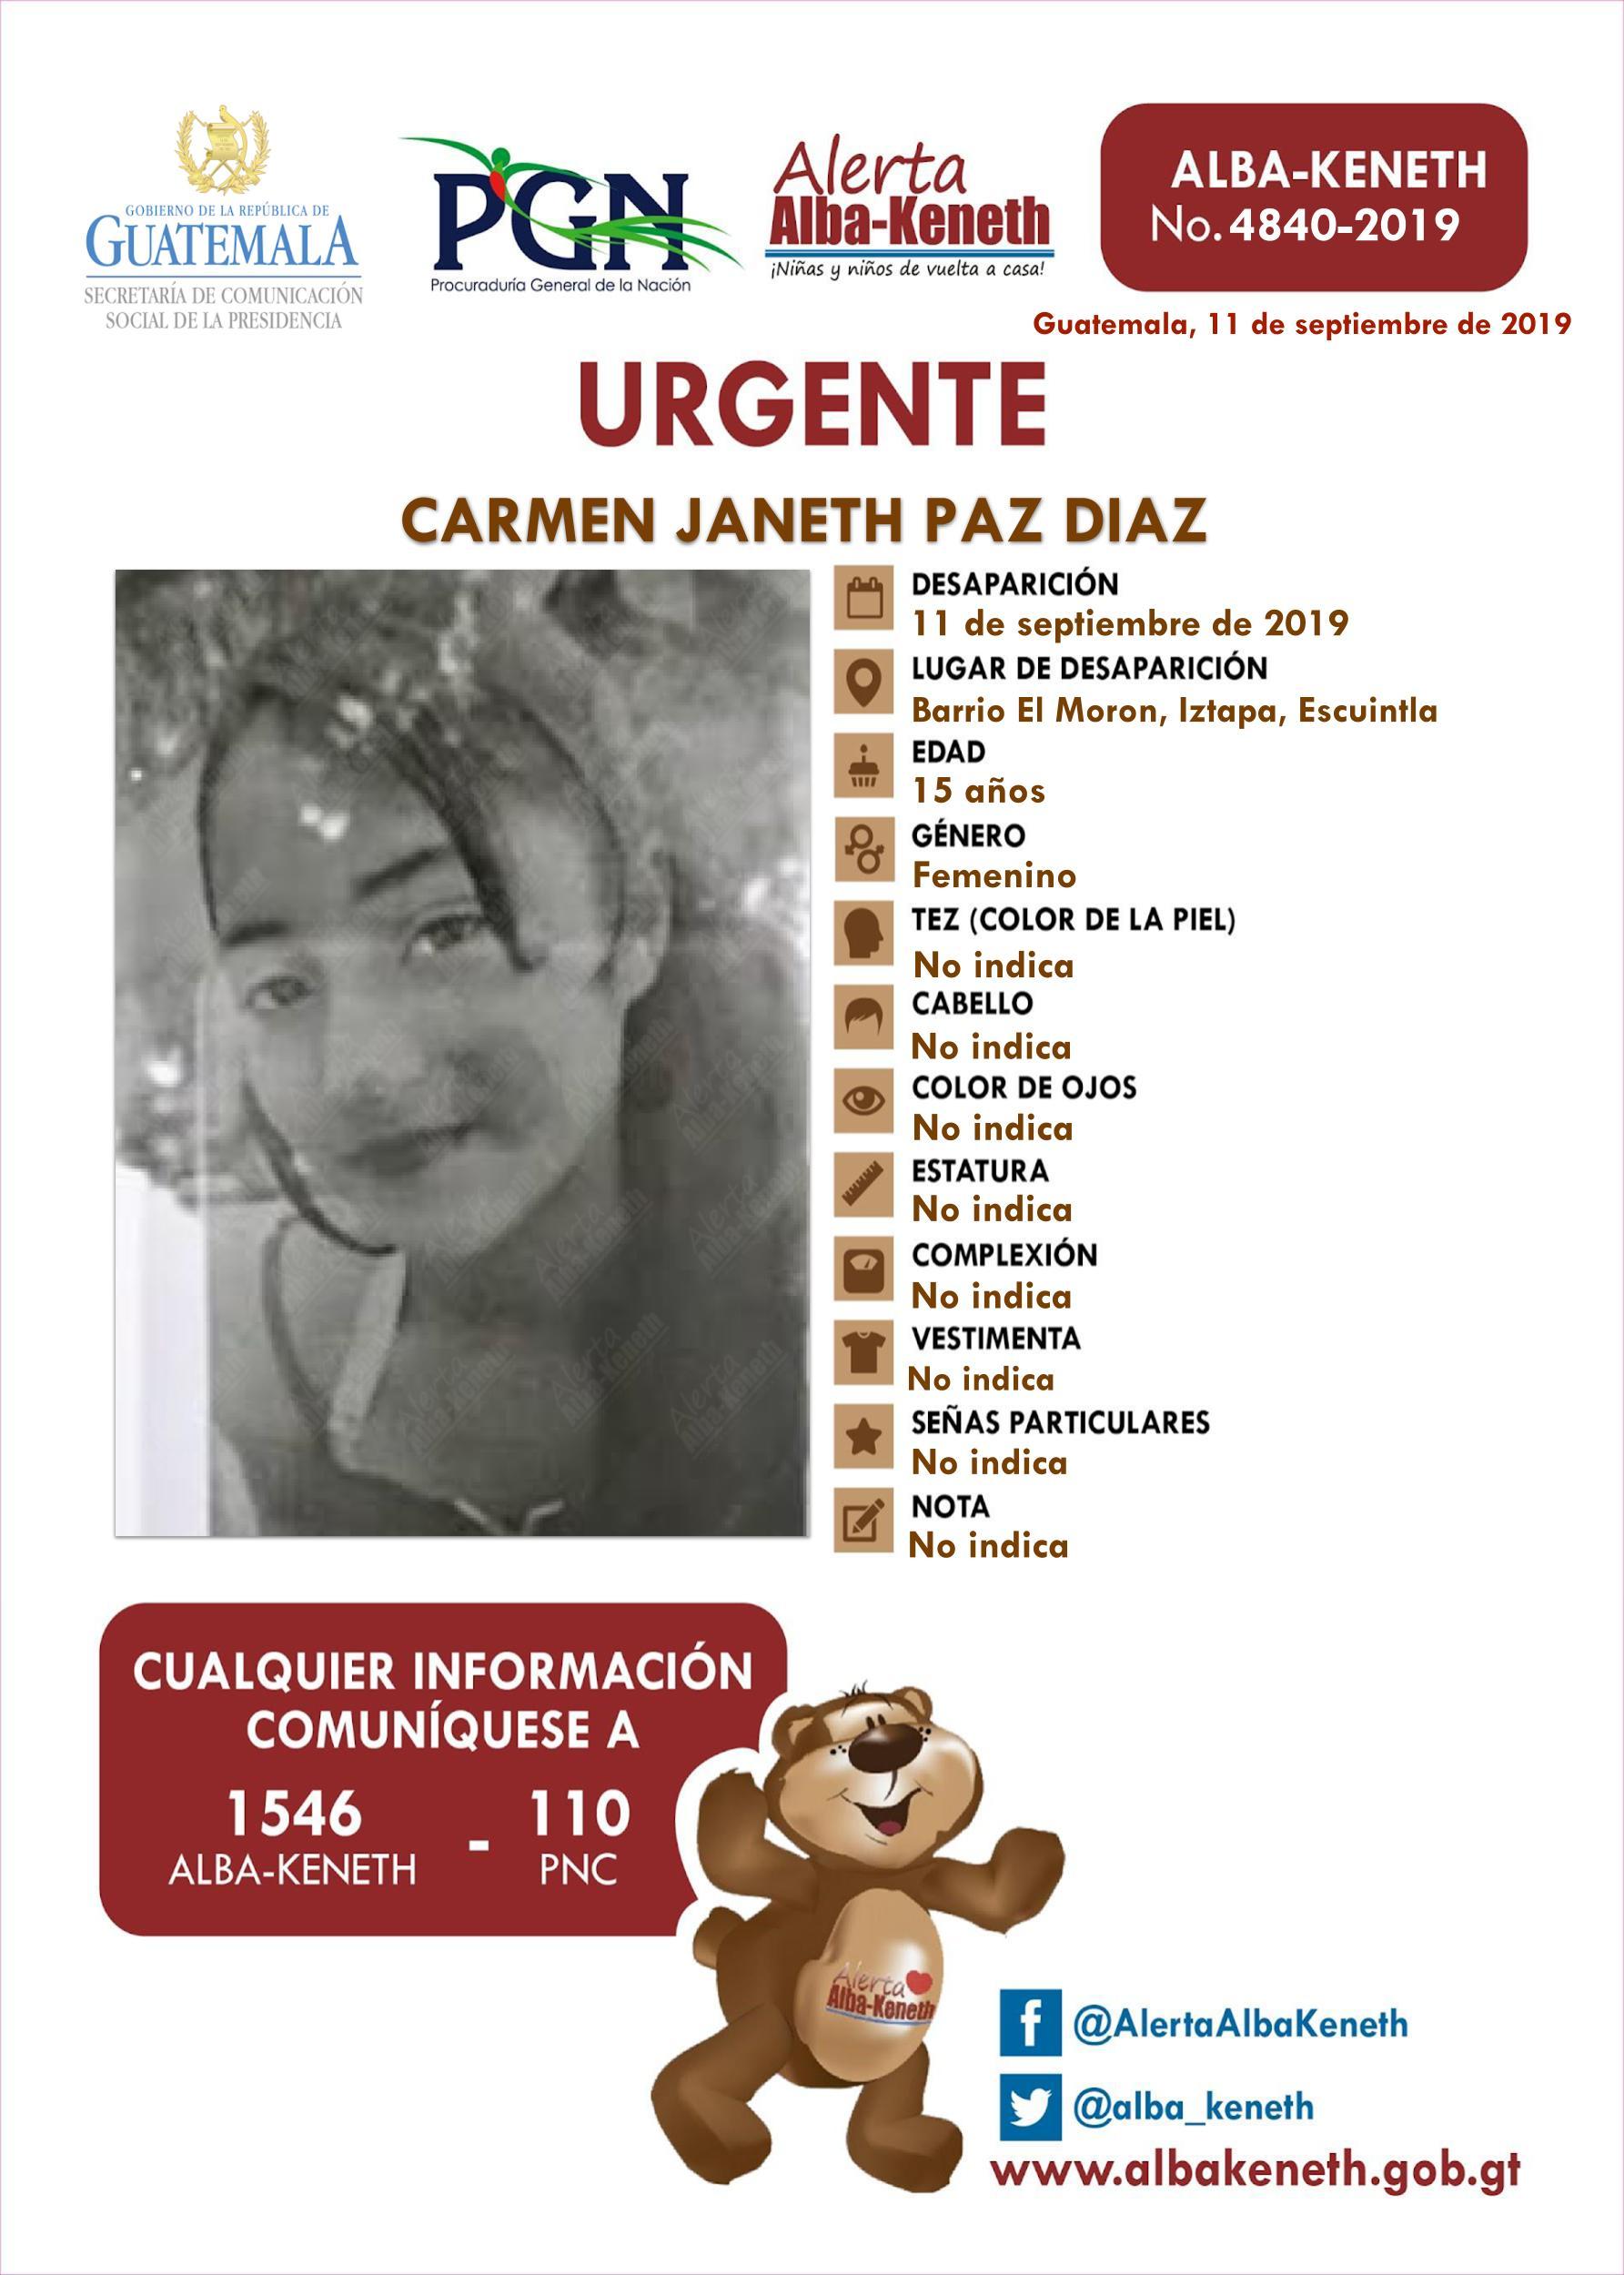 Carmen Janeth Paz Diaz